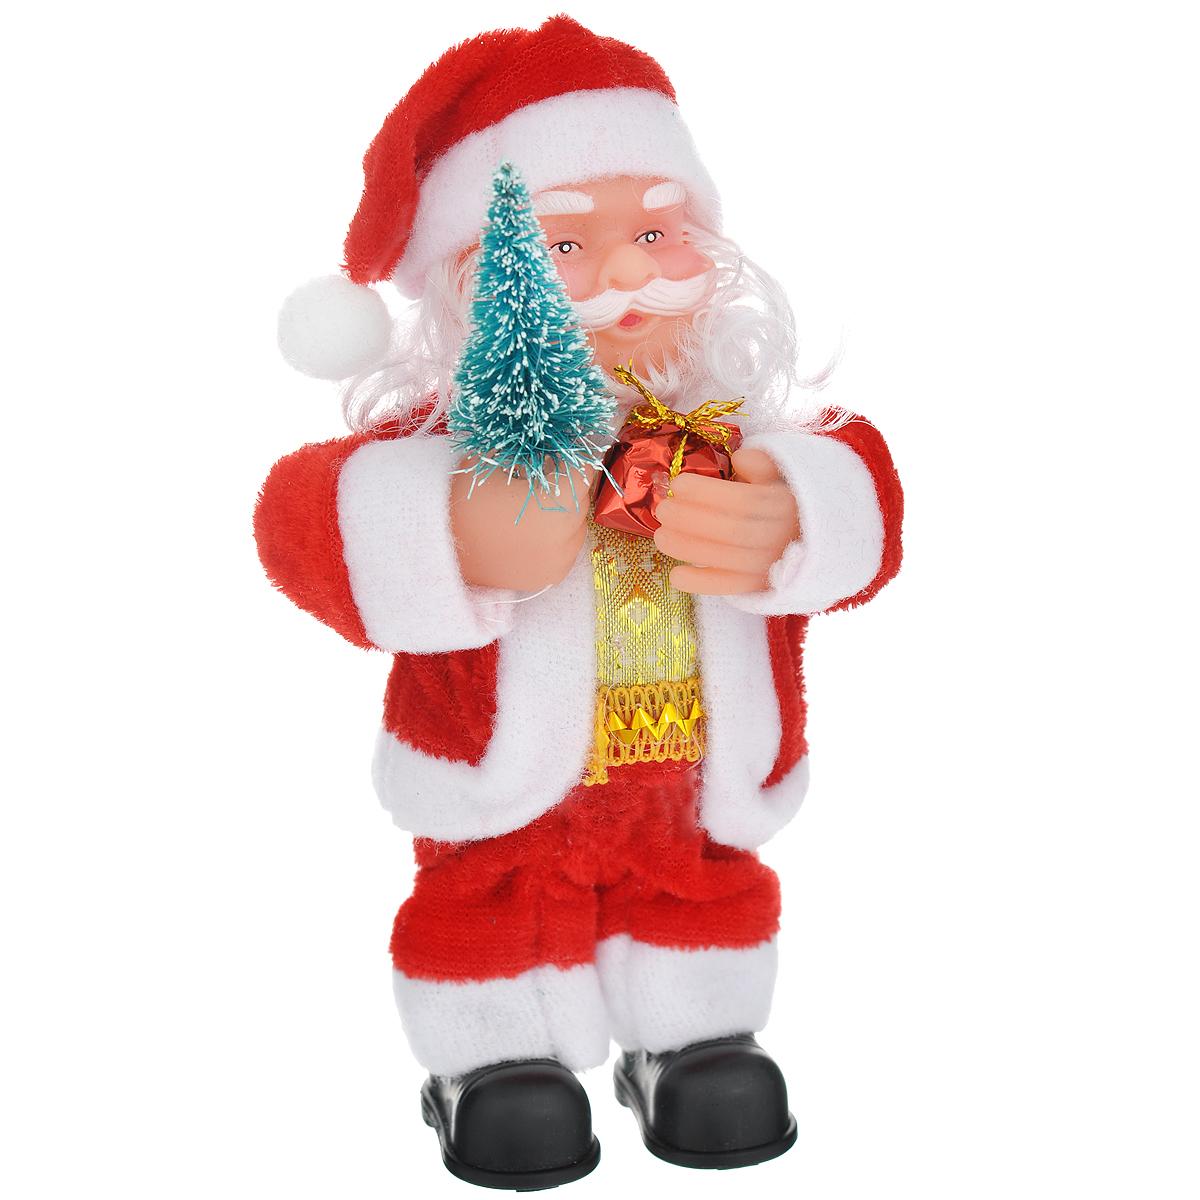 Новогодняя декоративная фигурка Sima-land Дед Мороз, высота 16 см. 703370 фигурка декоративная house & holder дед мороз с подсветкой высота 9 см